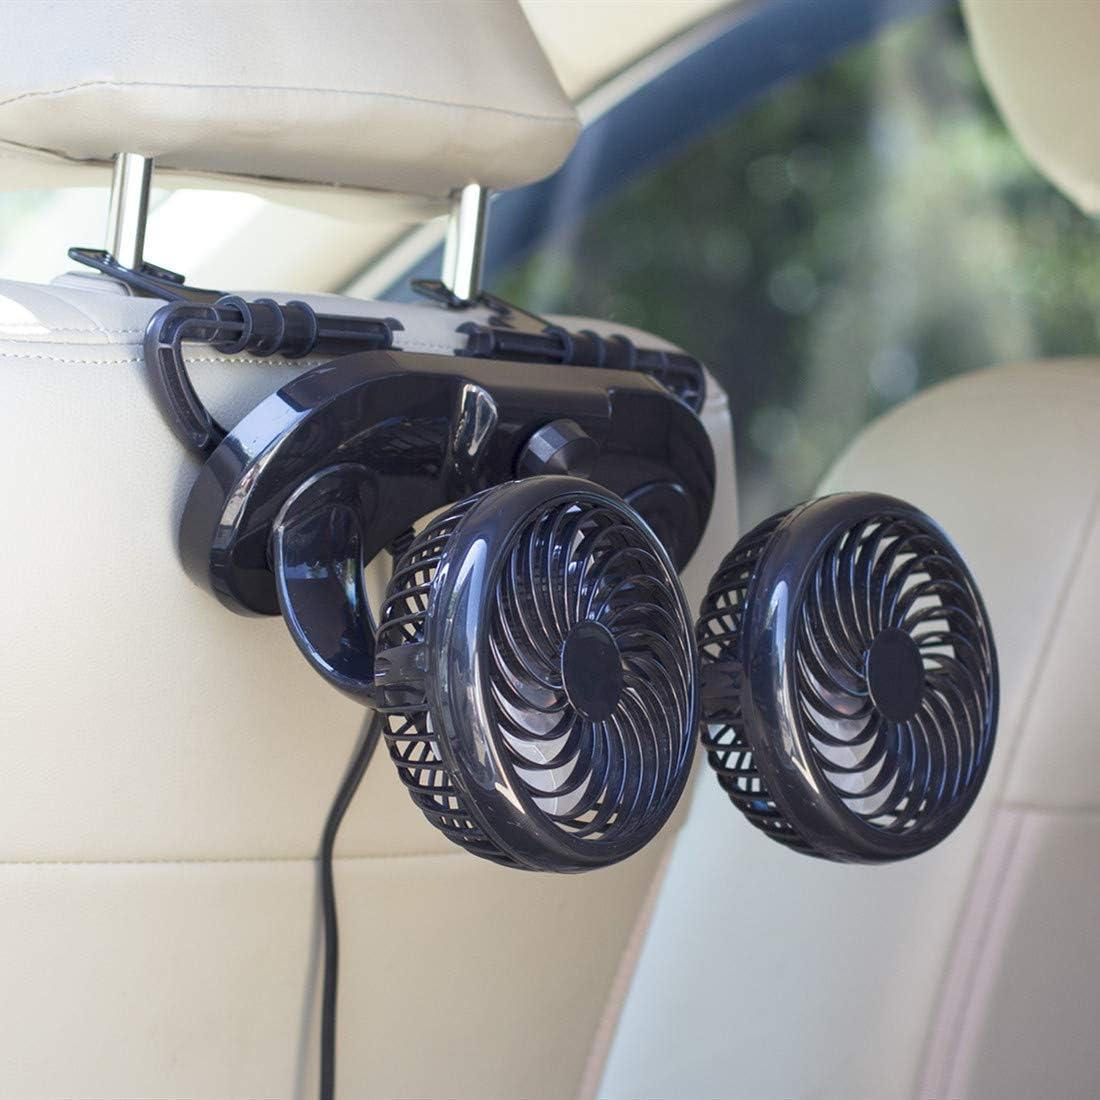 HITOPTY 12V Electric Car Fan, 2 Head 360 Degree Swivel 2 Speed Backseat Fan for Auto Vehicle RV SUV